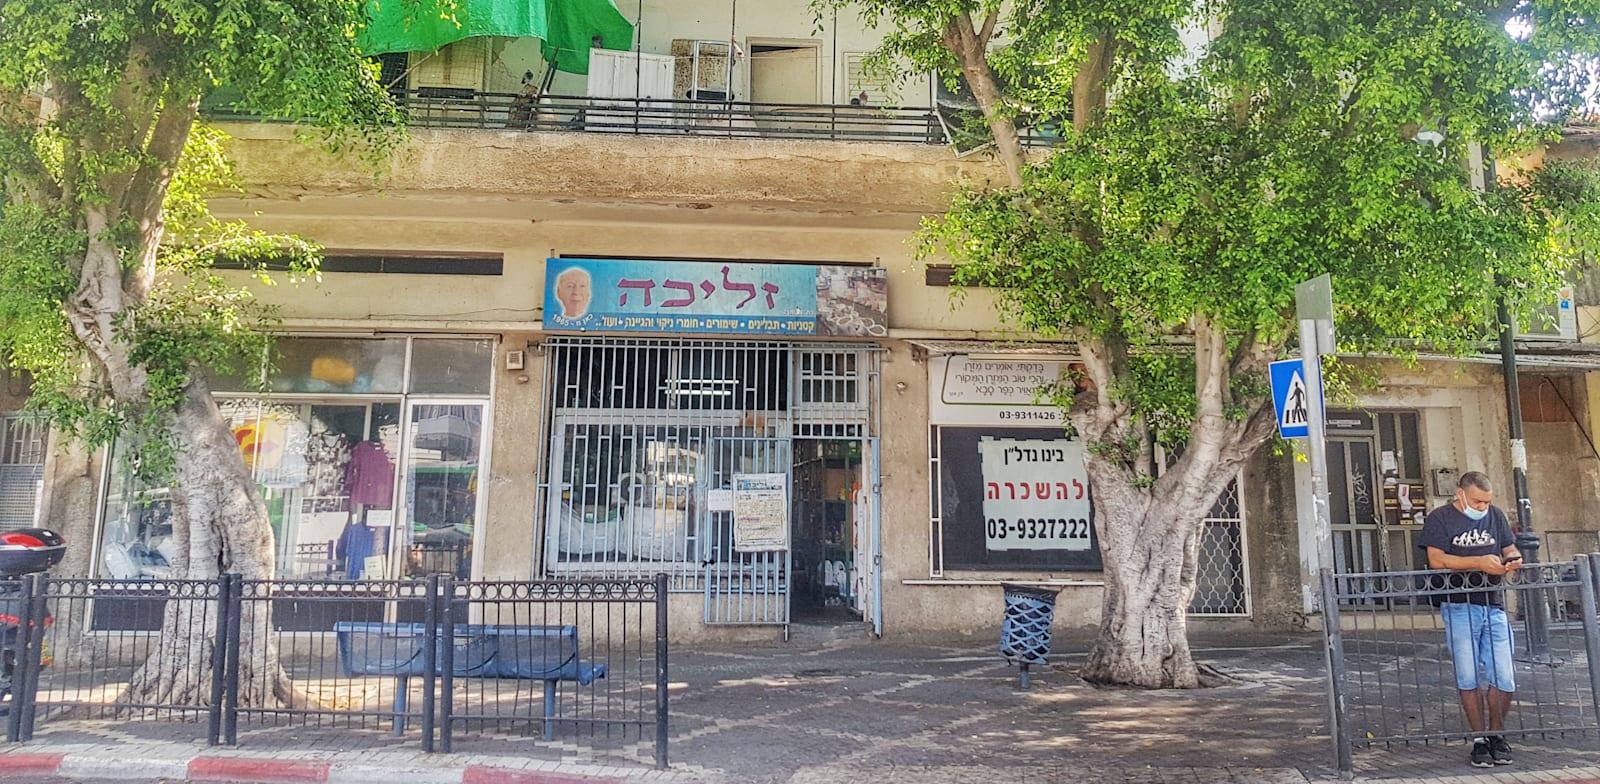 חנויות סגורות בפתח תקווה / צילום: תמר מצפי